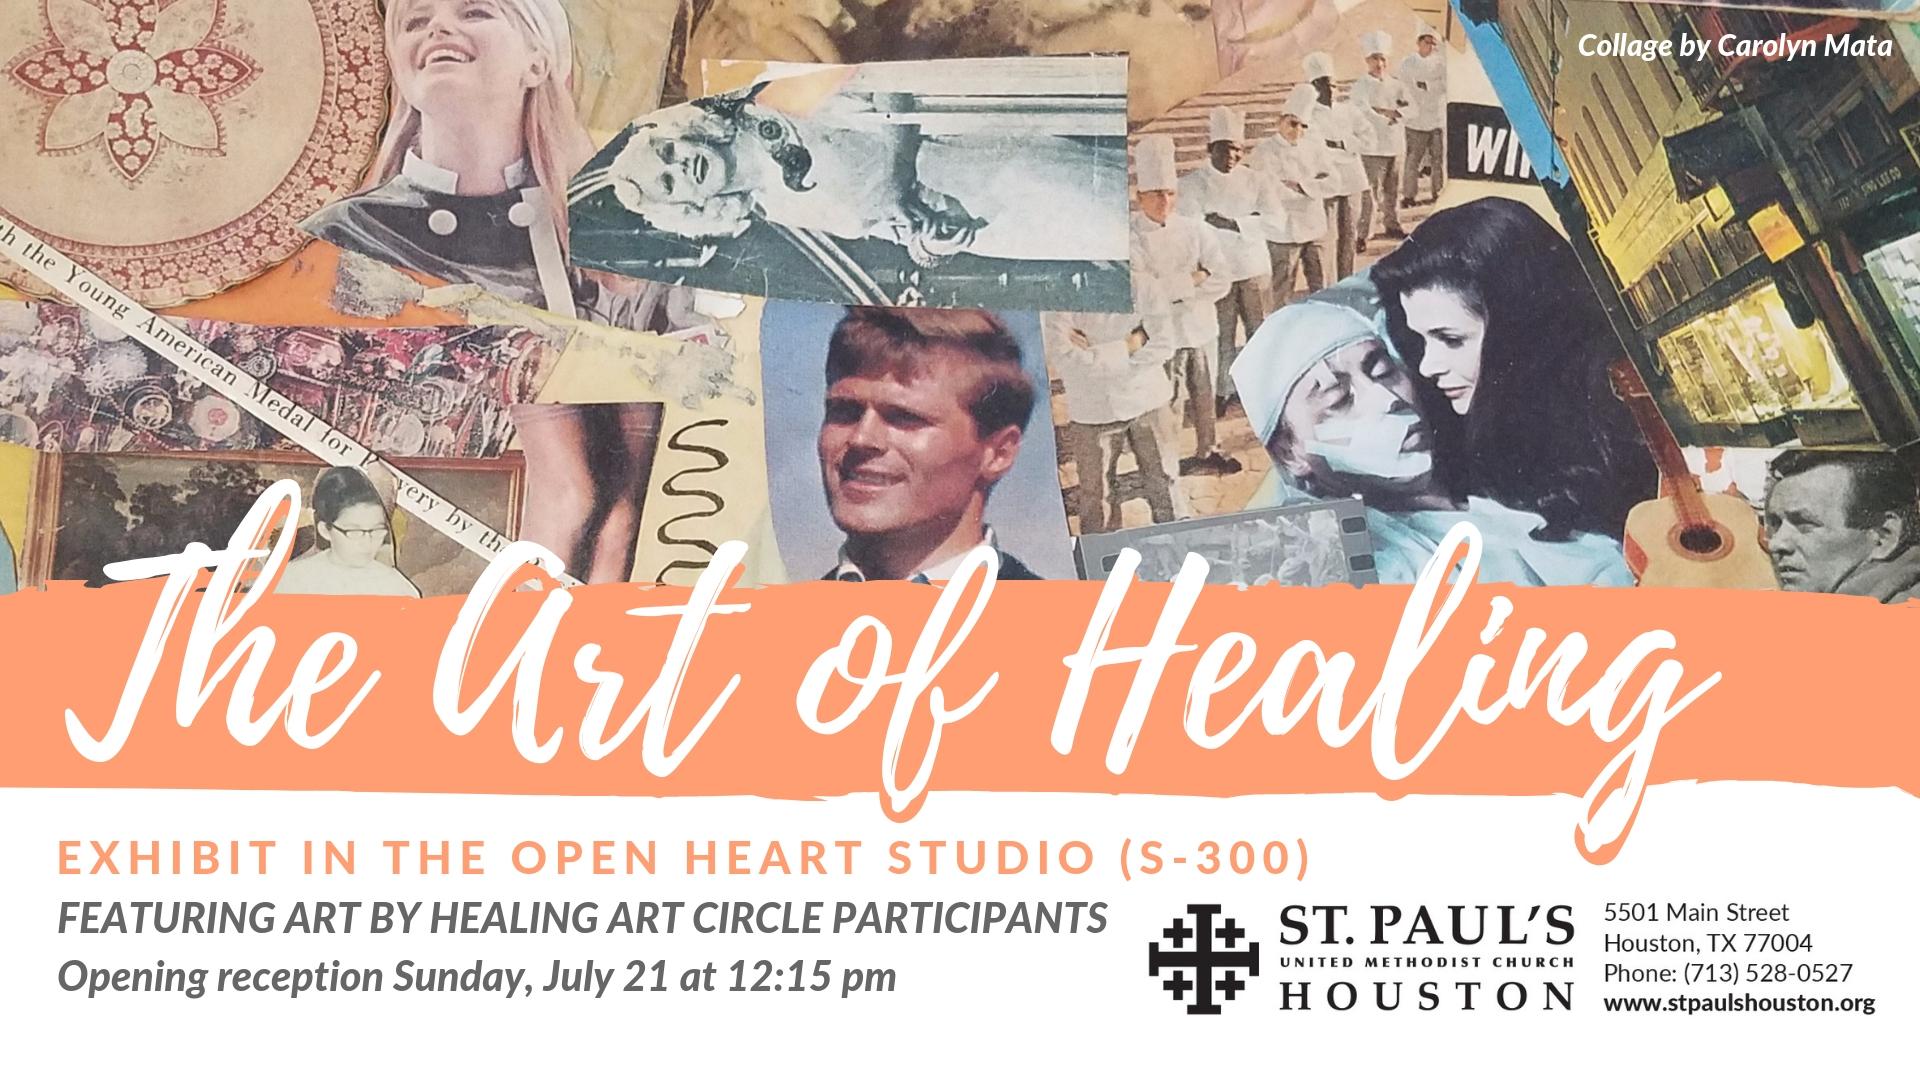 16x9 Healing Art Show - July 21.jpg